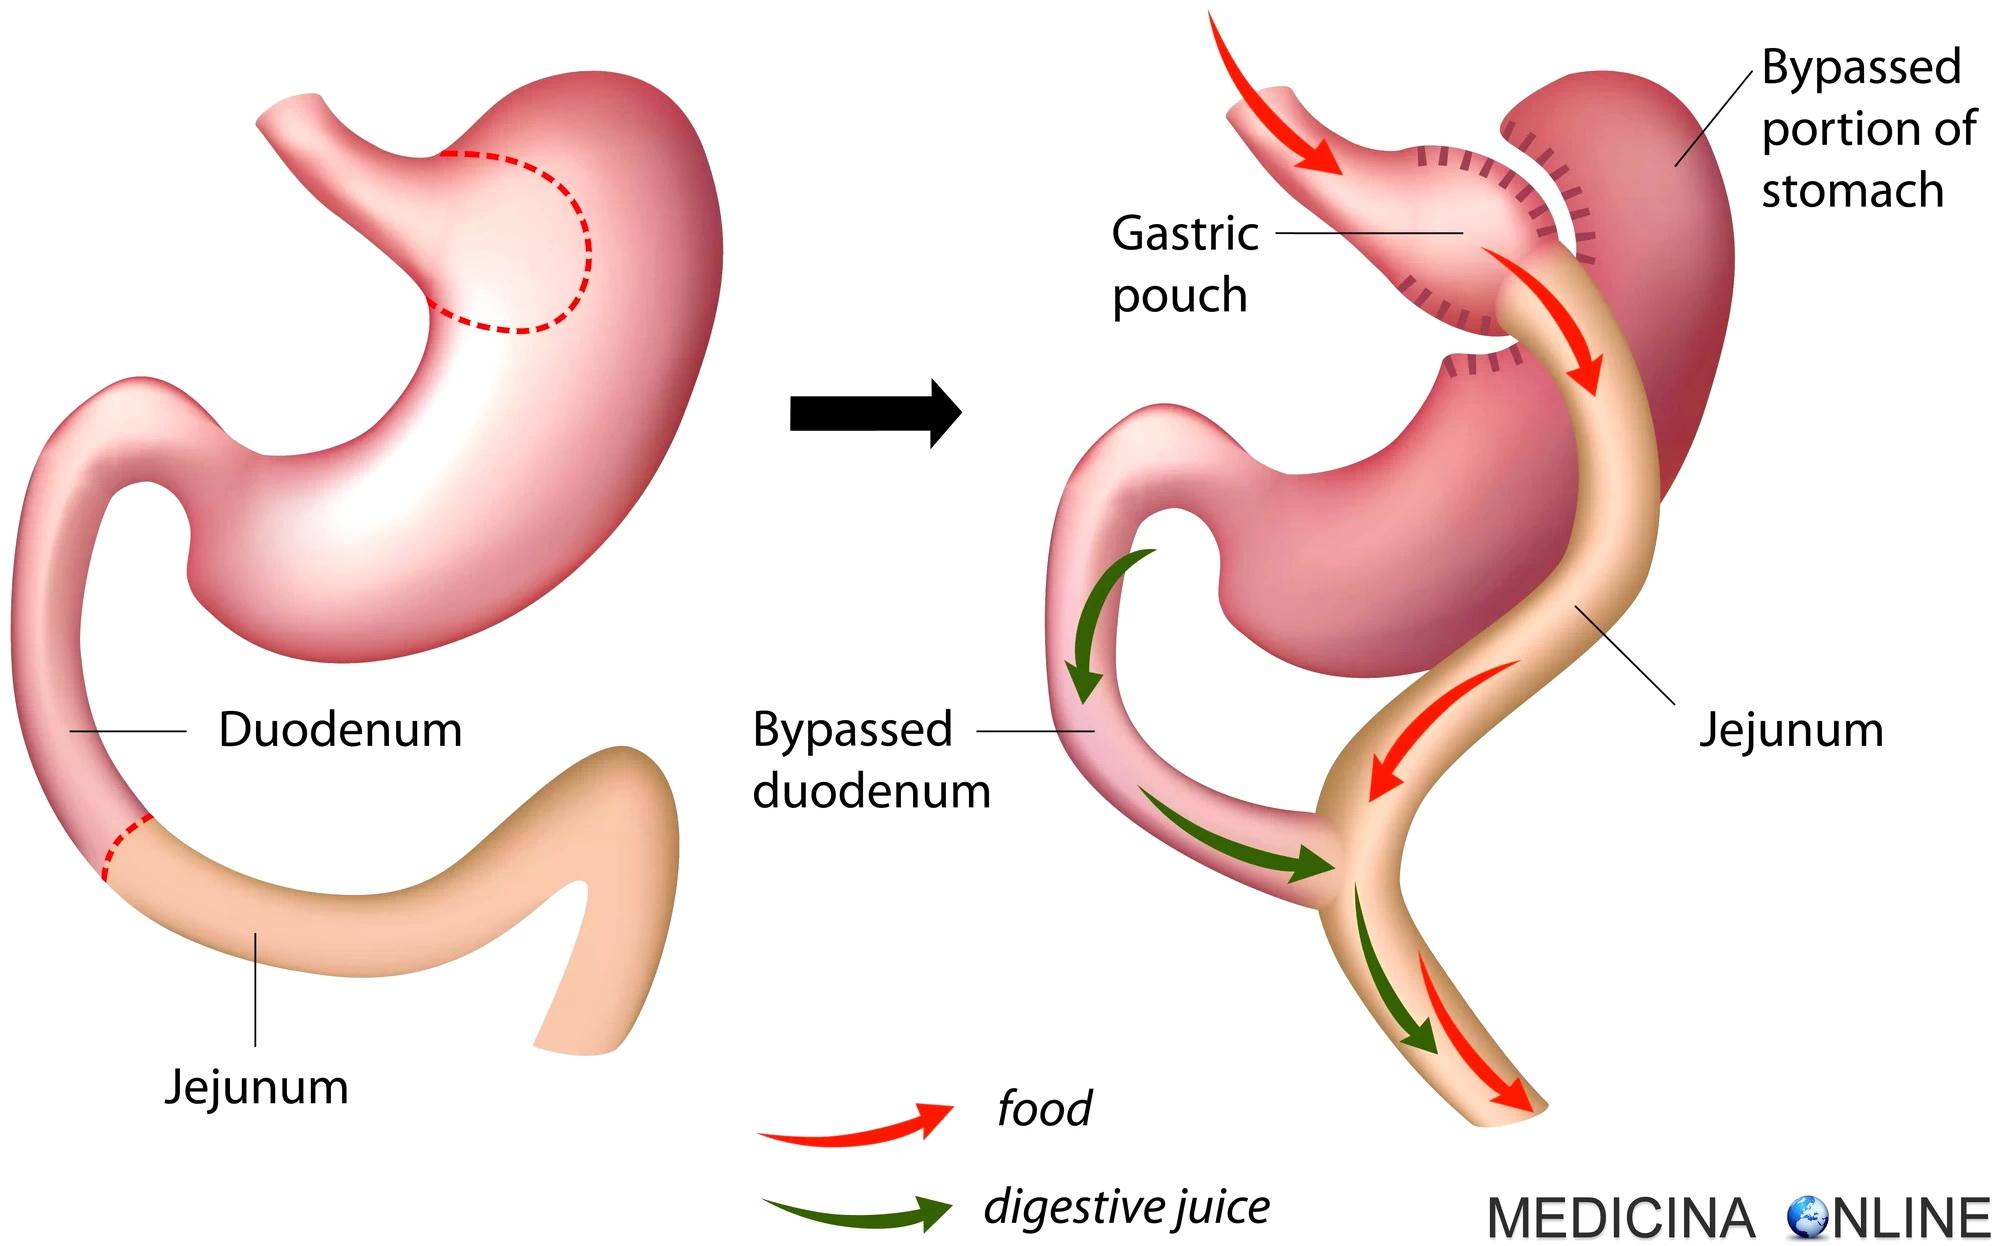 operazione di stomaco per perdere peso negli stati uniti